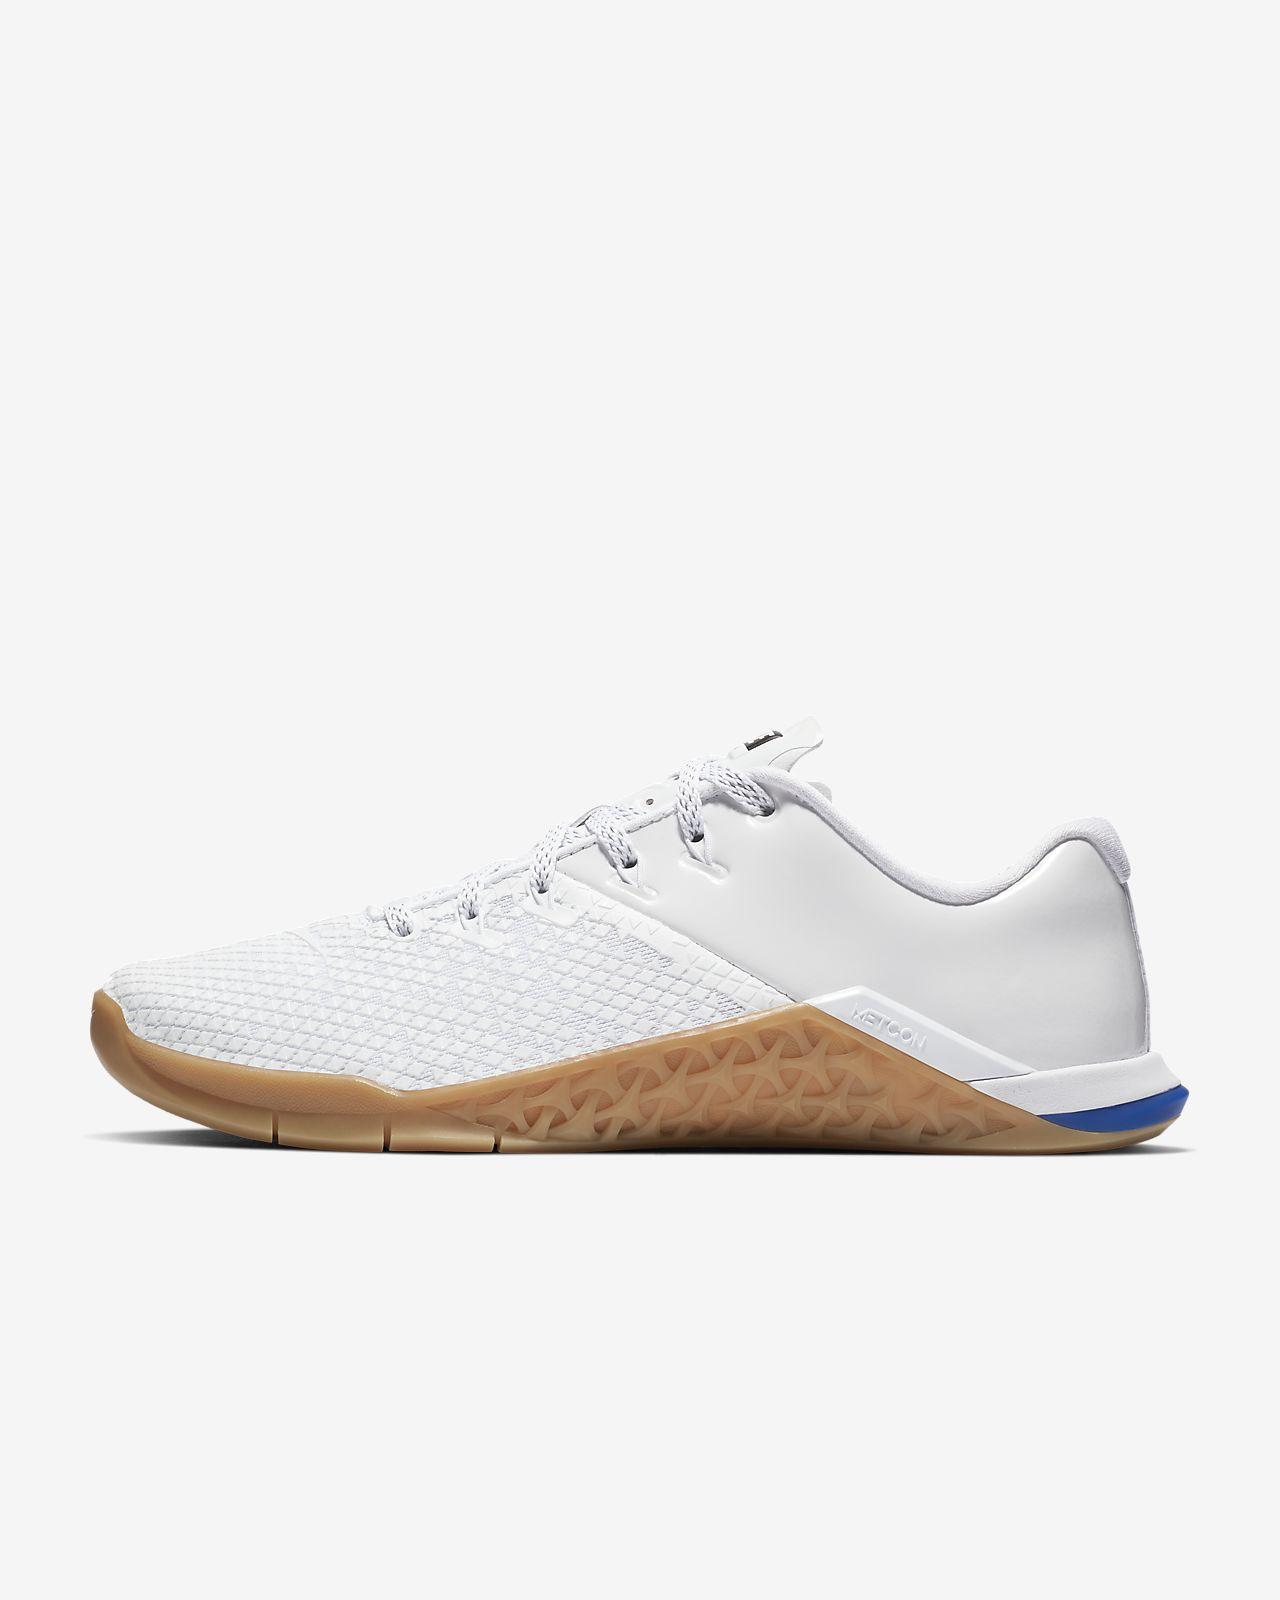 9da7e931d46b ... Nike Metcon 4 XD X Whiteboard Women s Cross Training Weightlifting Shoe